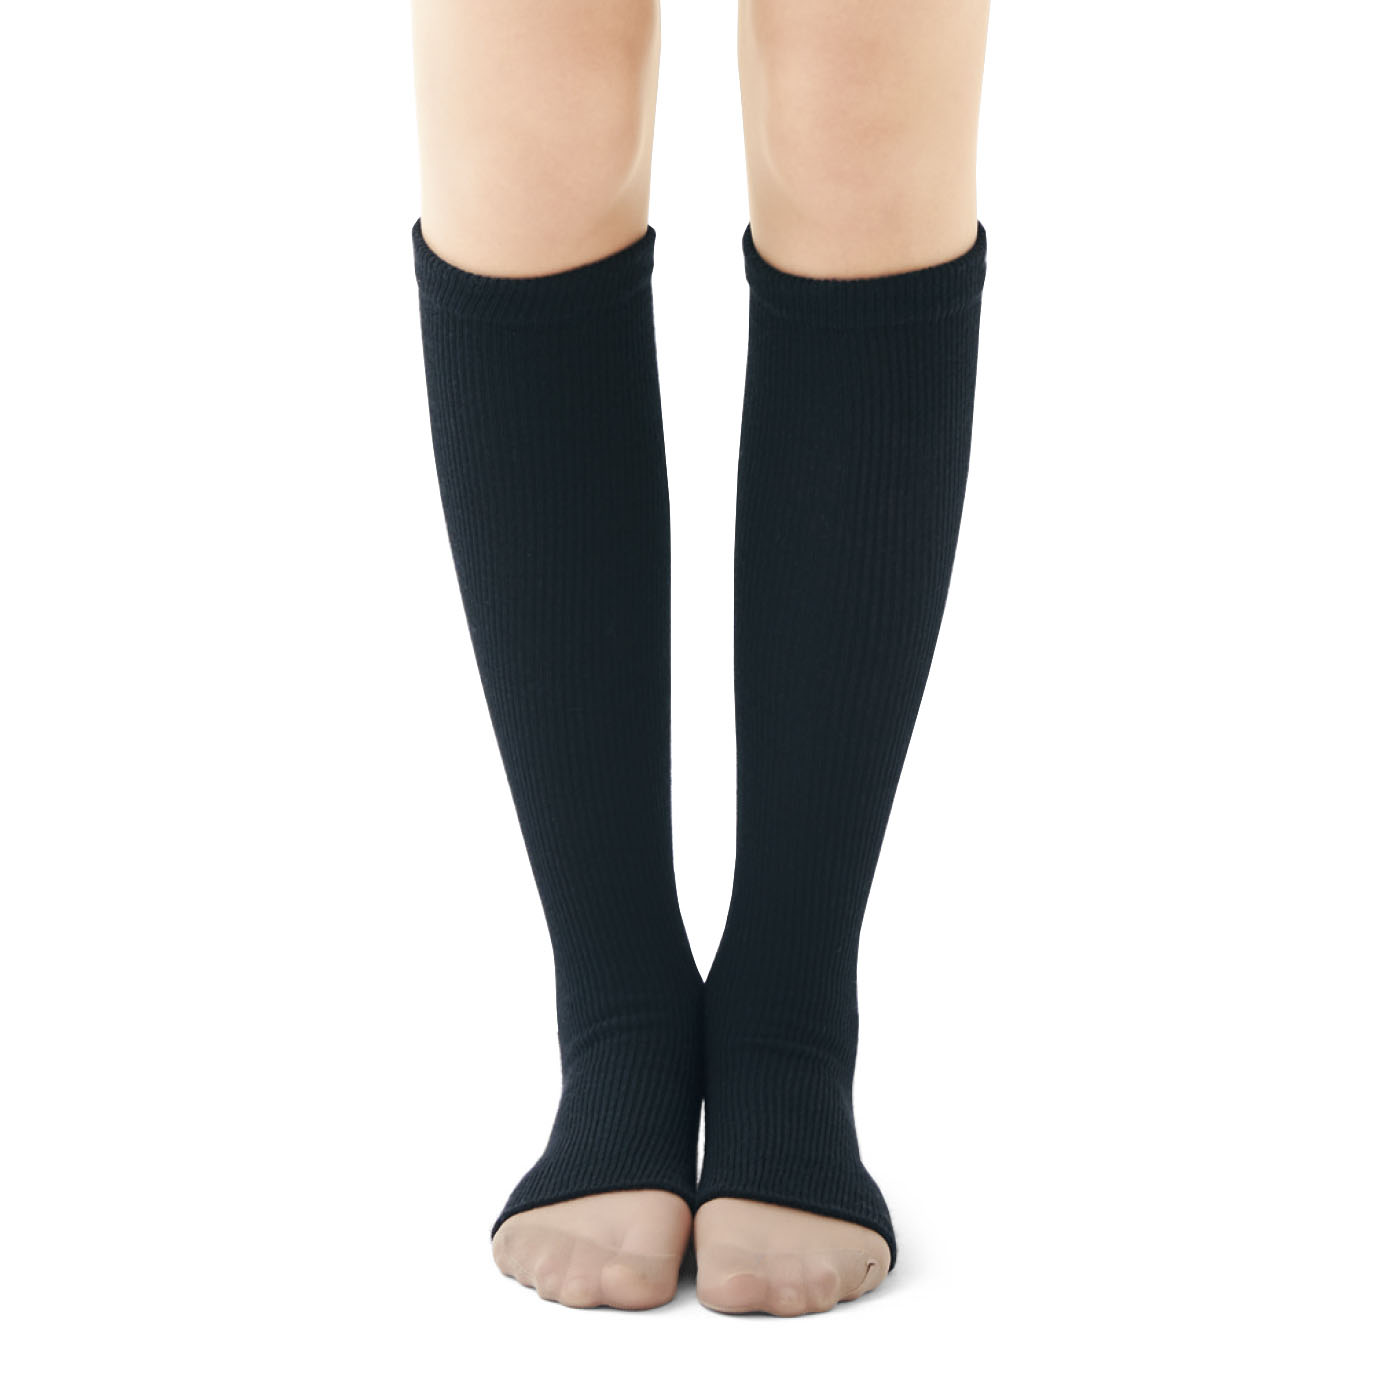 靴の中に入る部分は薄手の編み地で、いつものパンプスやローファーも窮屈感なし!